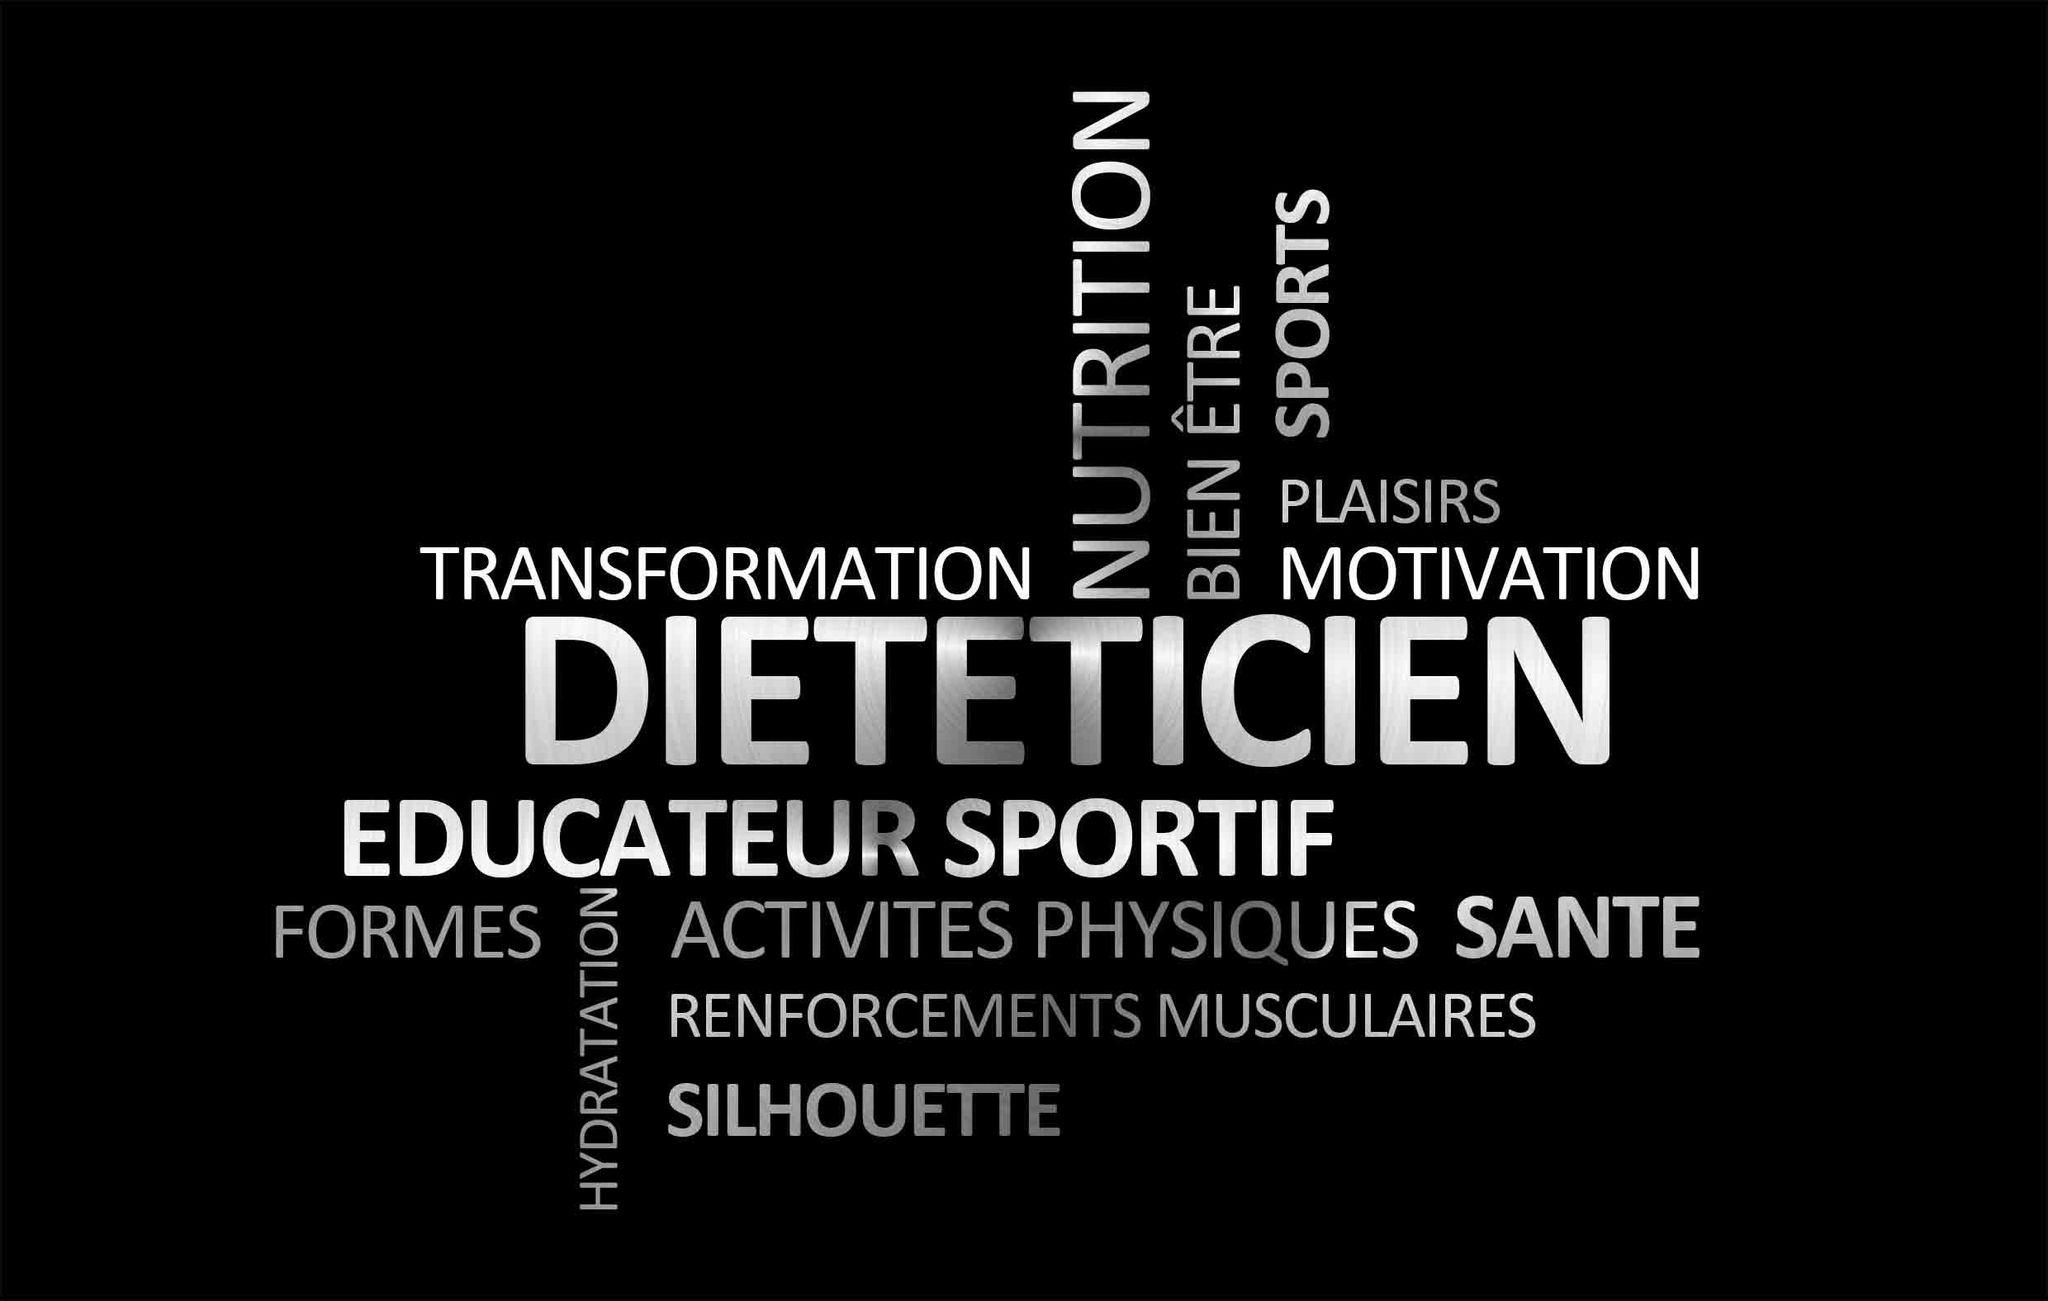 Jean-Michel Audran Diététicien - Educateur sportif